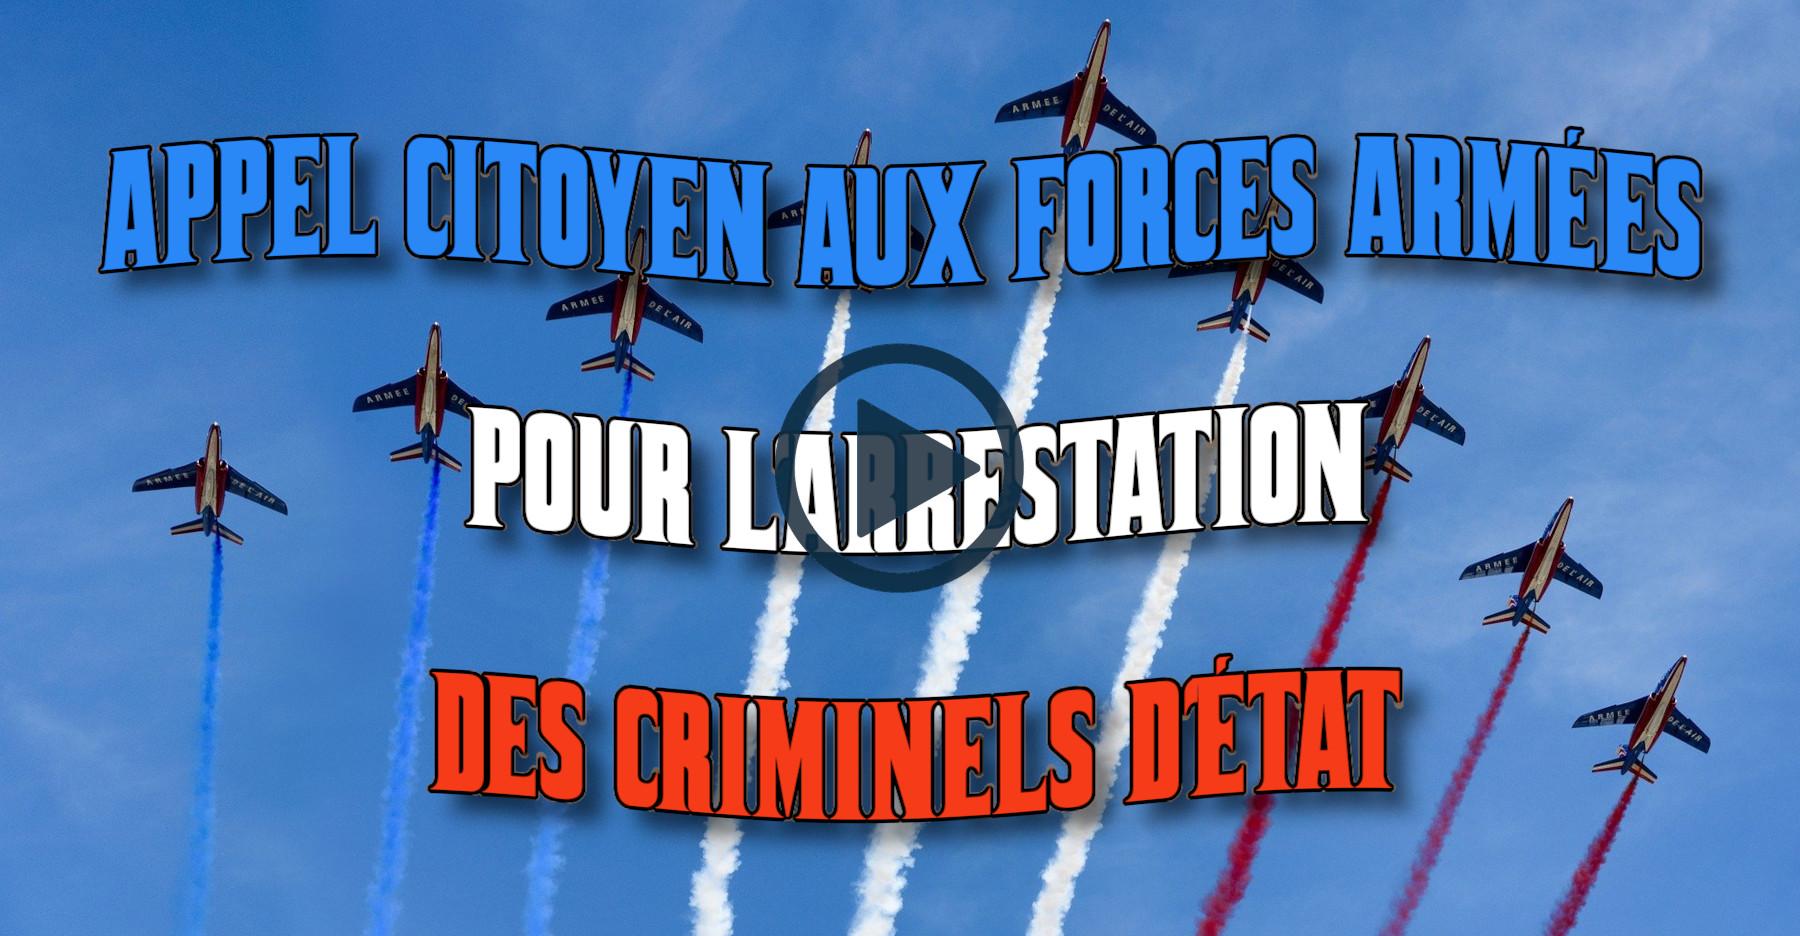 APPEL CITOYEN AUX FORCES ARMÉES POUR L'ARRESTATION DES CRIMINELS D'ÉTAT